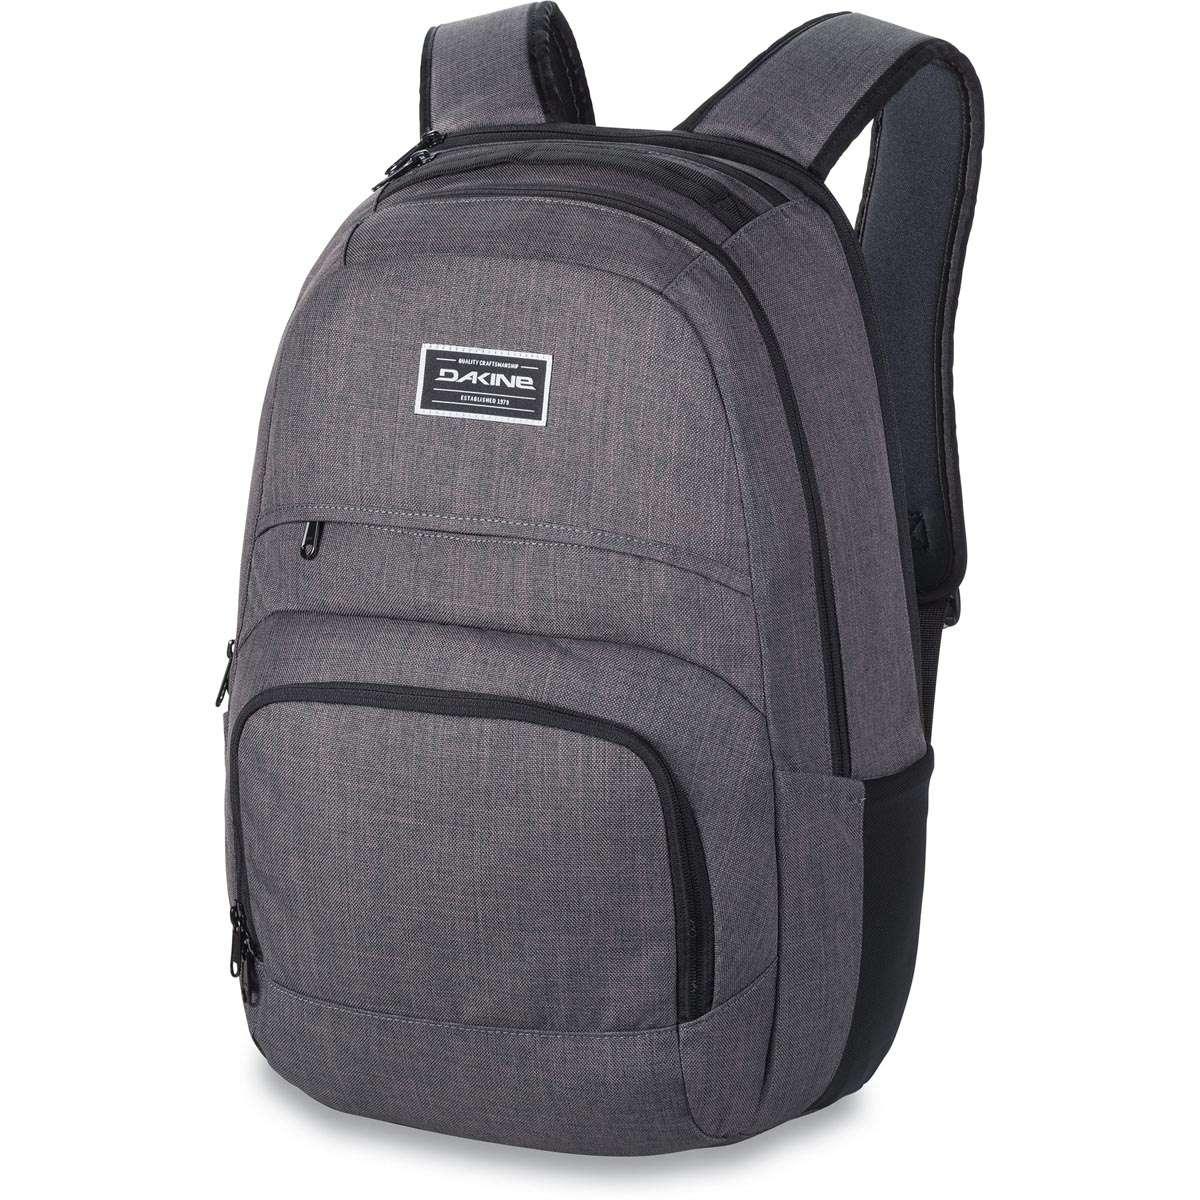 537b0794d90e7 Dakine Campus DLX 33L Backpack Carbon